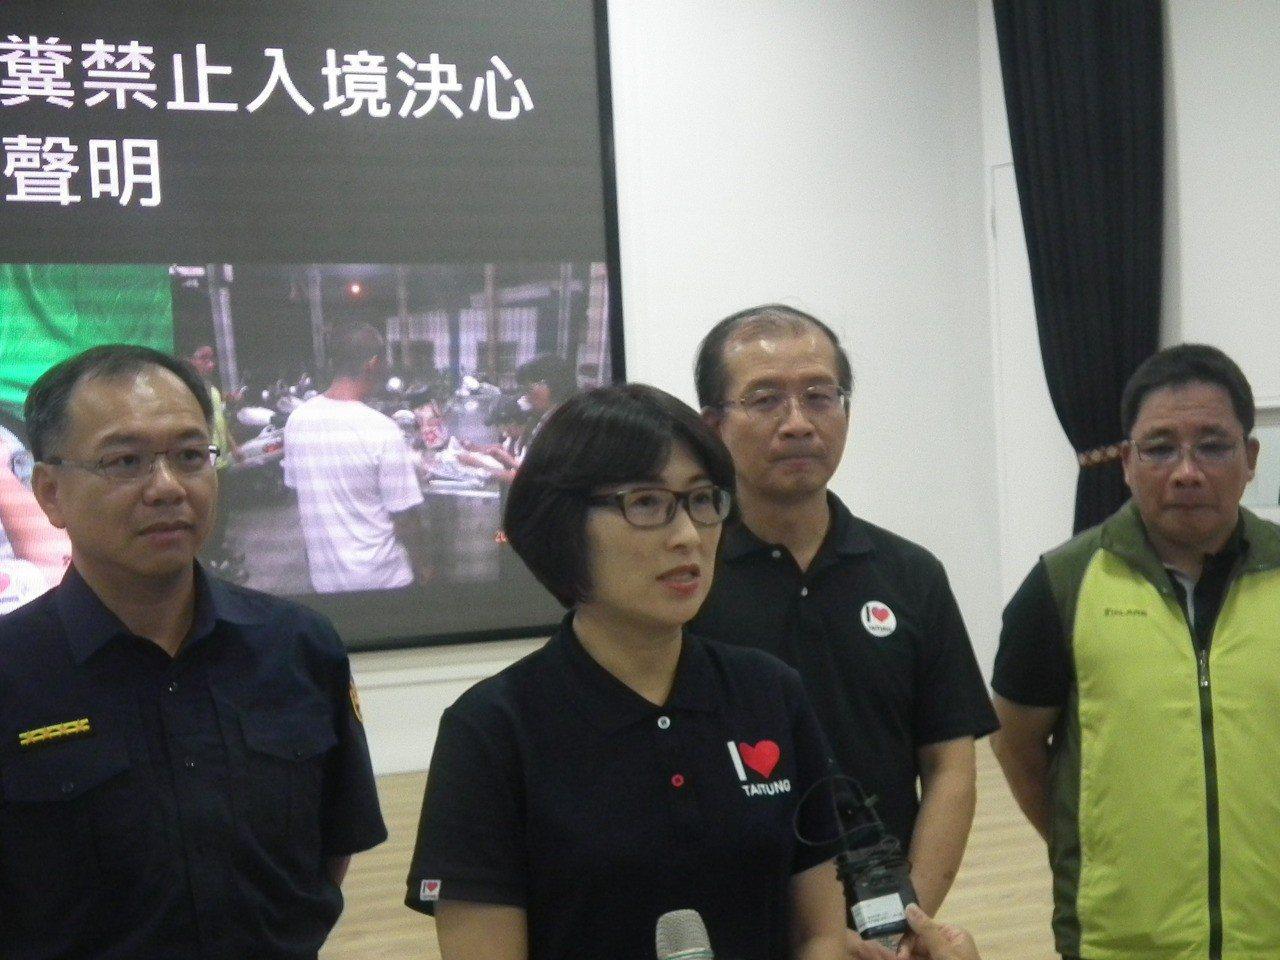 2貨車違規載運生雞糞入境台東 環保局祭出12萬重罰